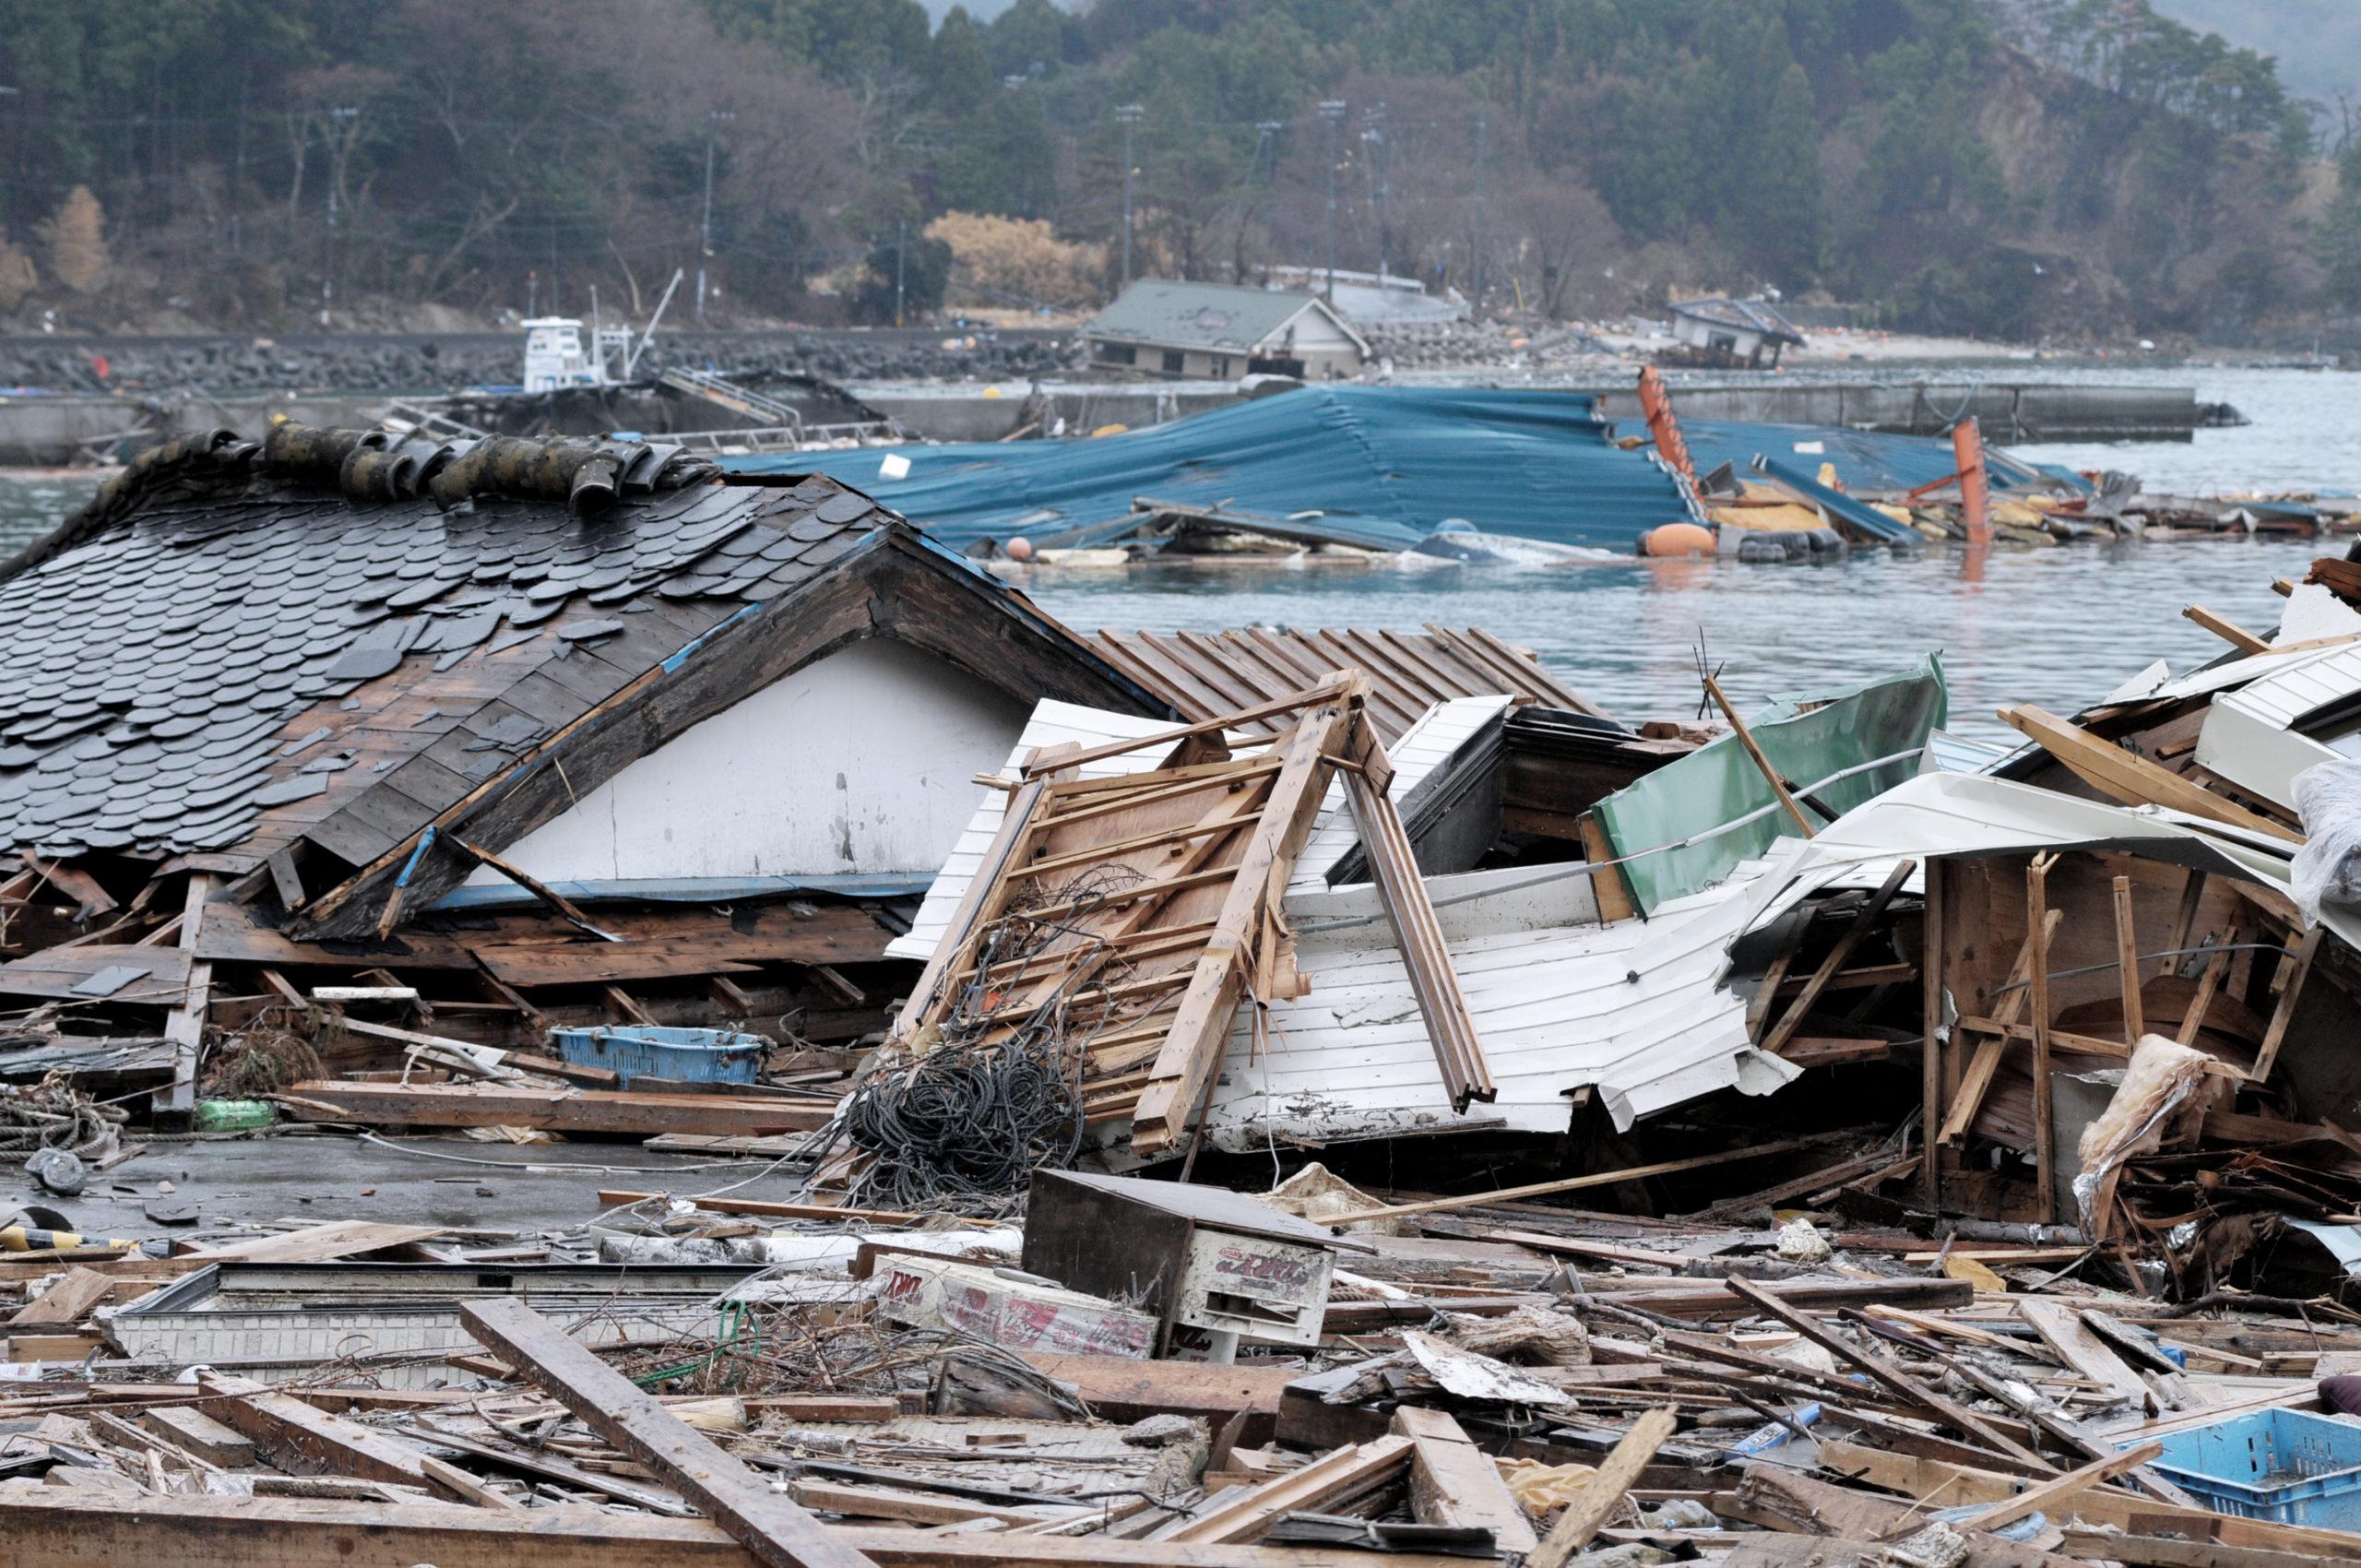 Un séisme de magnitude 5,4 est survenu en Bosnie